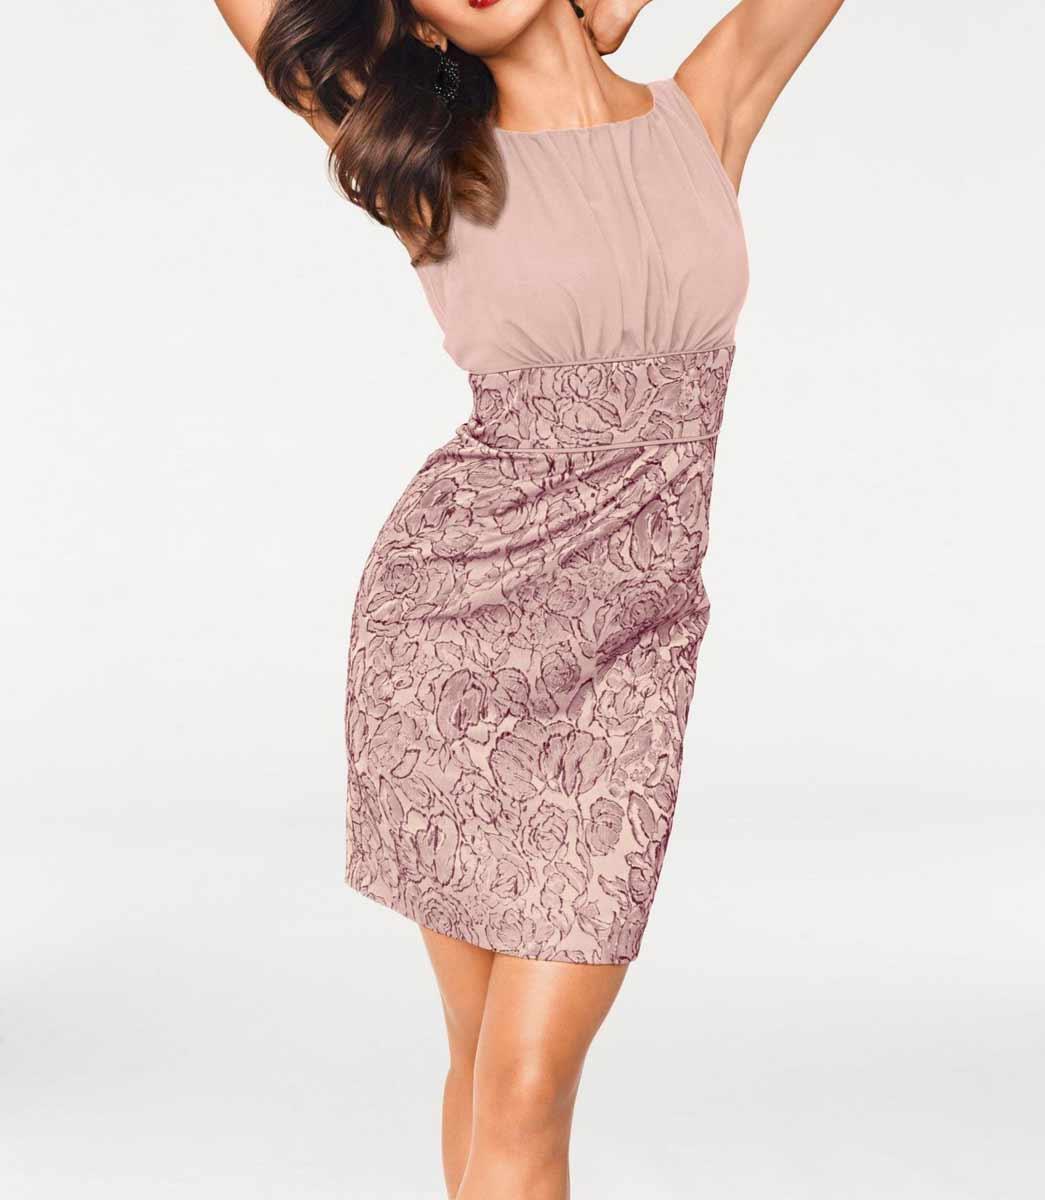 kurzes kleid für besondere anlässe HEINE Damen Designer-Cocktailkleid Rosé 503.362 Missforty